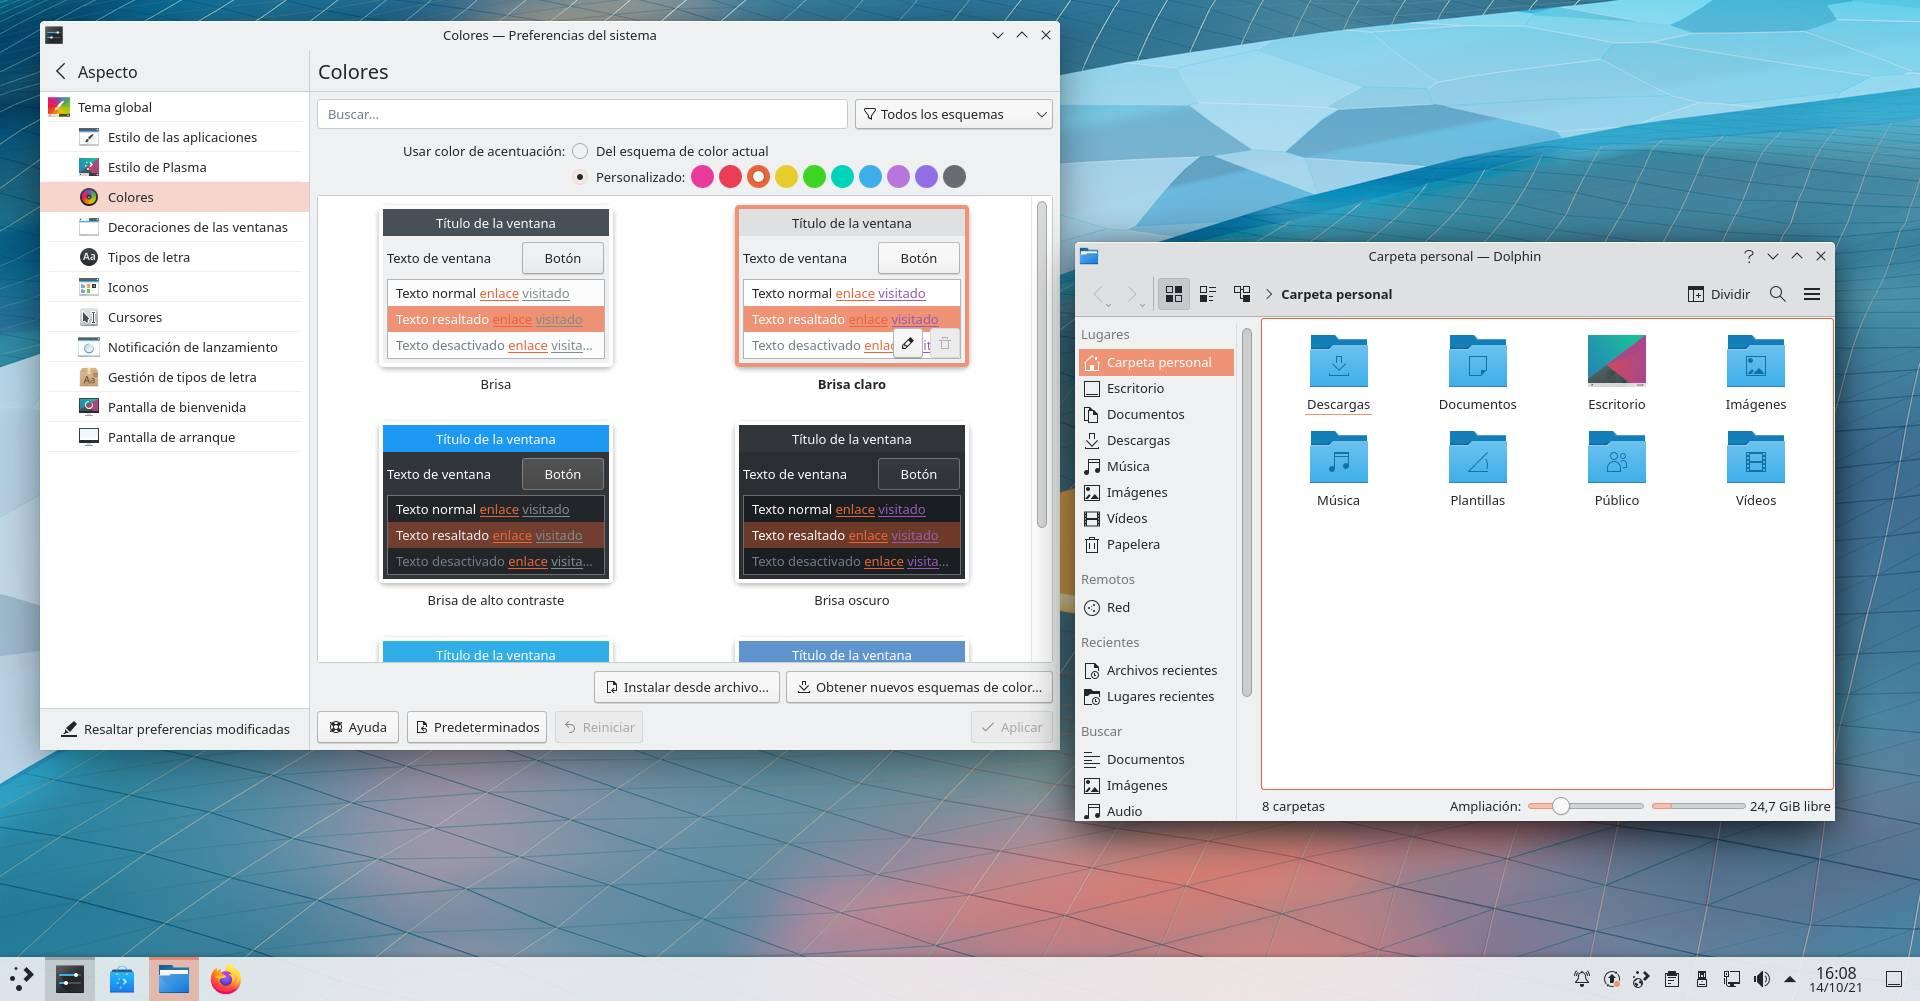 Color de acentuación en KDE Plasma 5.23